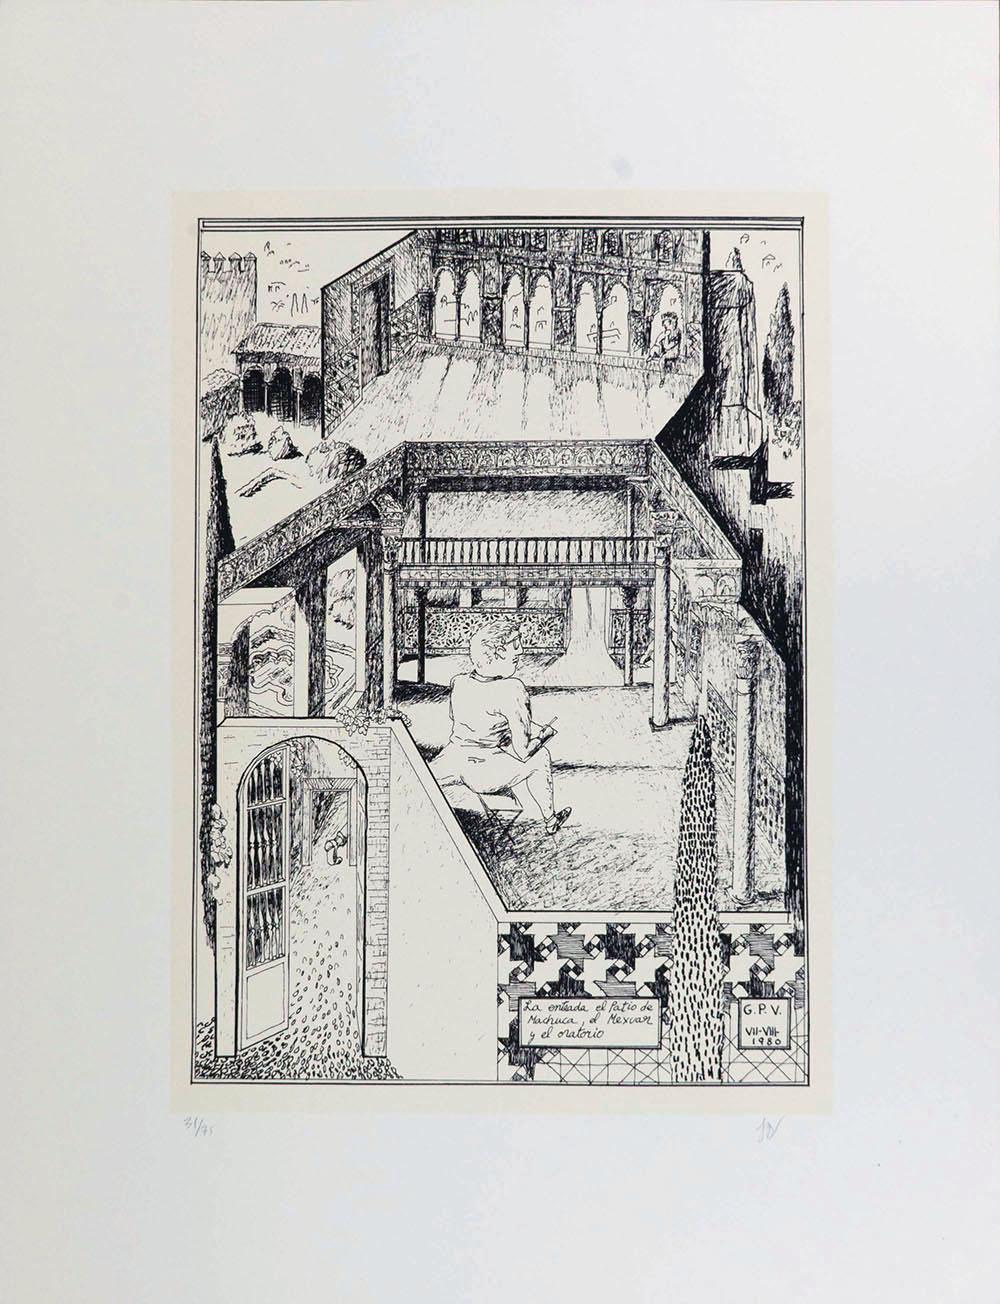 La entrada el Patio de Machucay el Mexuar y el Oratorio